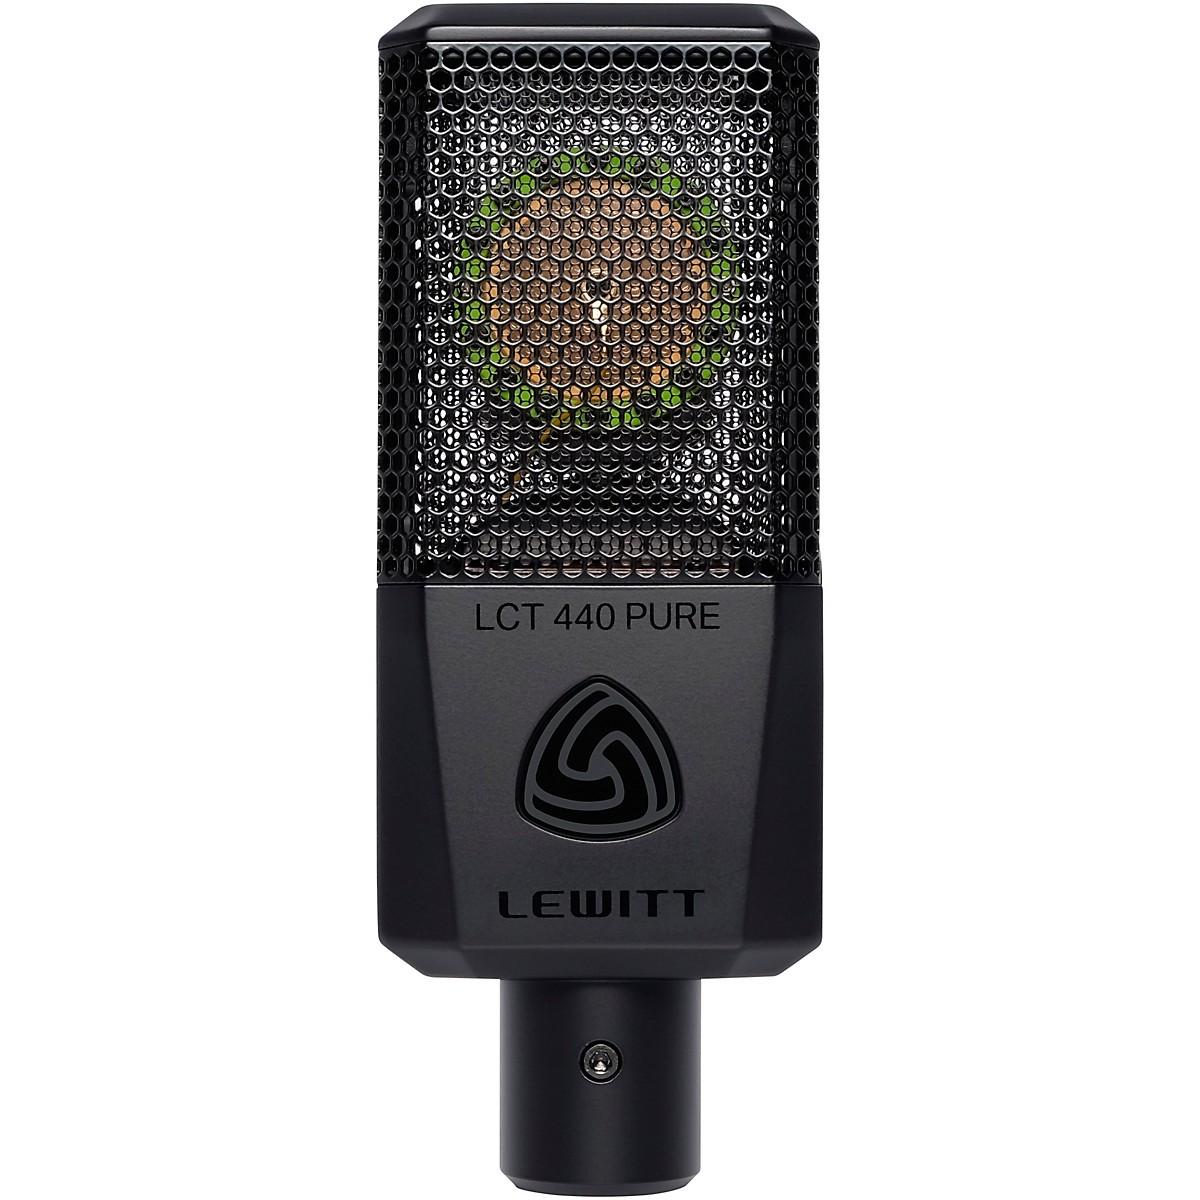 Lewitt Audio Microphones LCT 440 PURE Large-Diaphragm Condenser